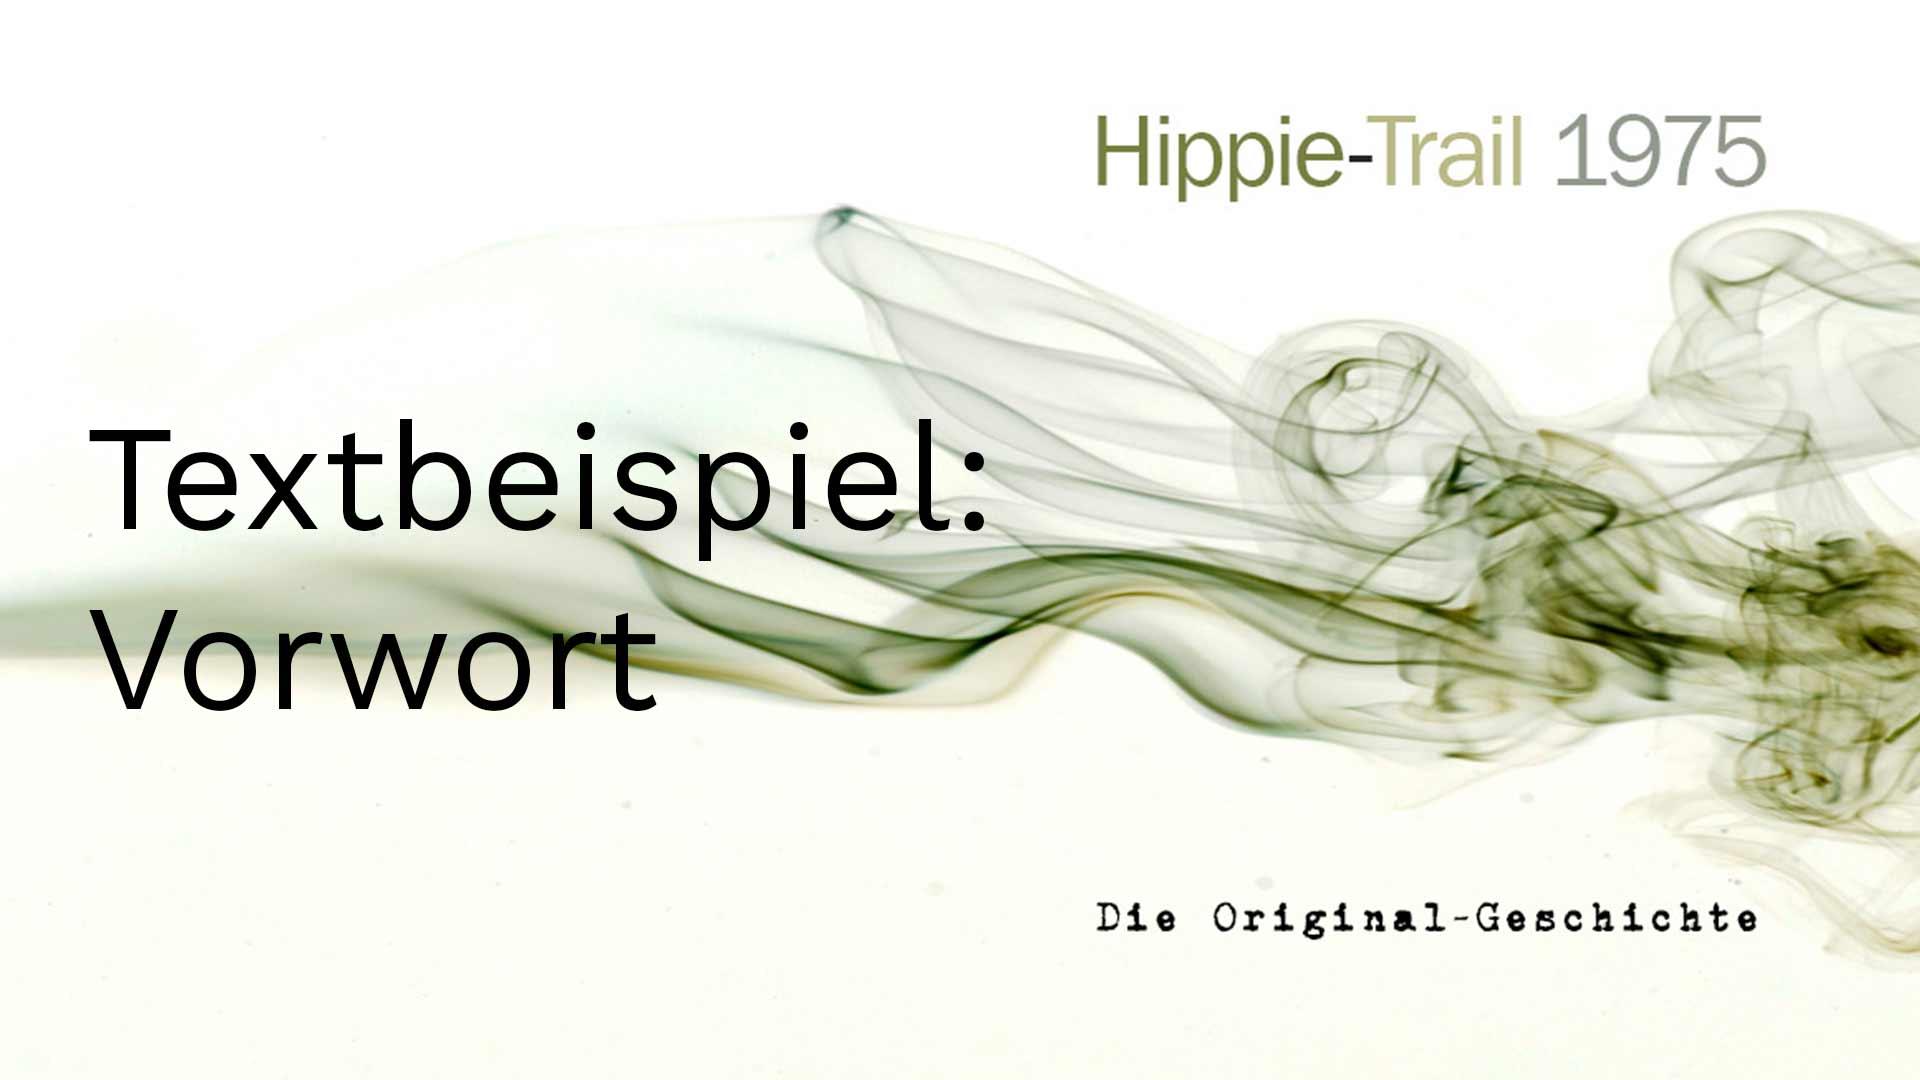 Texter-schreibt-Vorwort: Buch Hippie-Trail